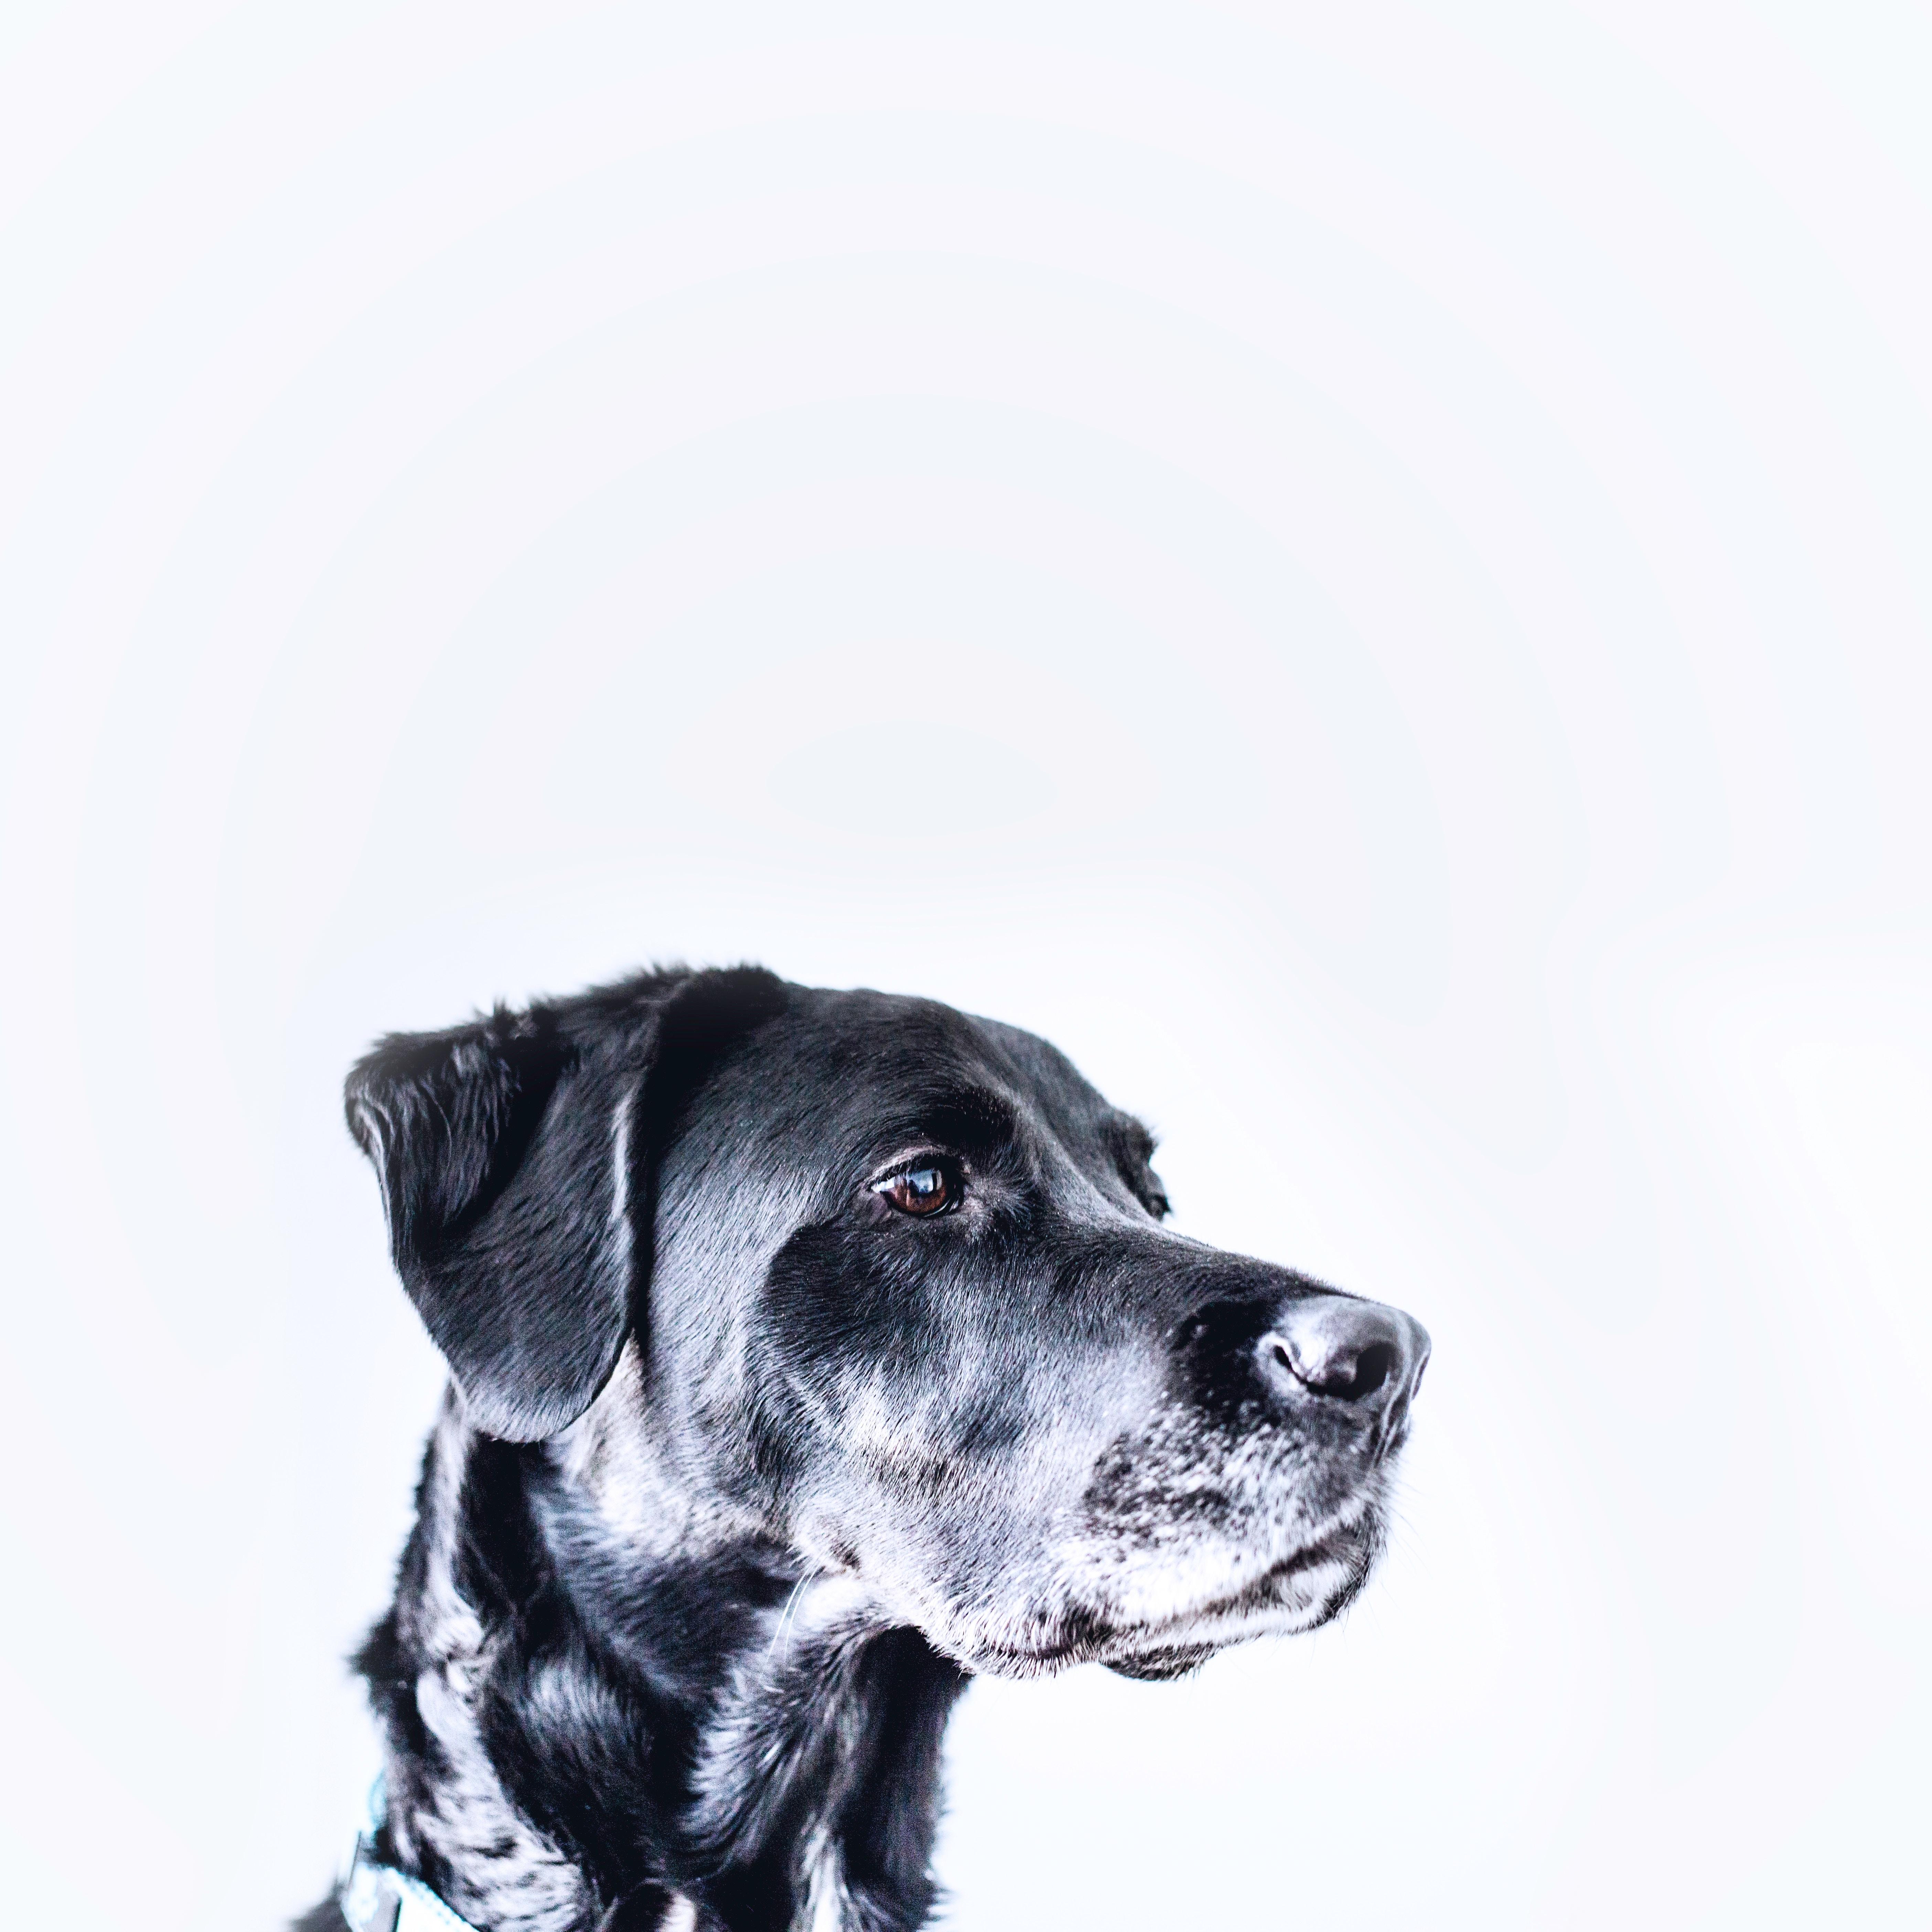 慢性的な腎臓病、肝臓病のケアにドイツ獣医師推奨ハッピードッグ「サノN」